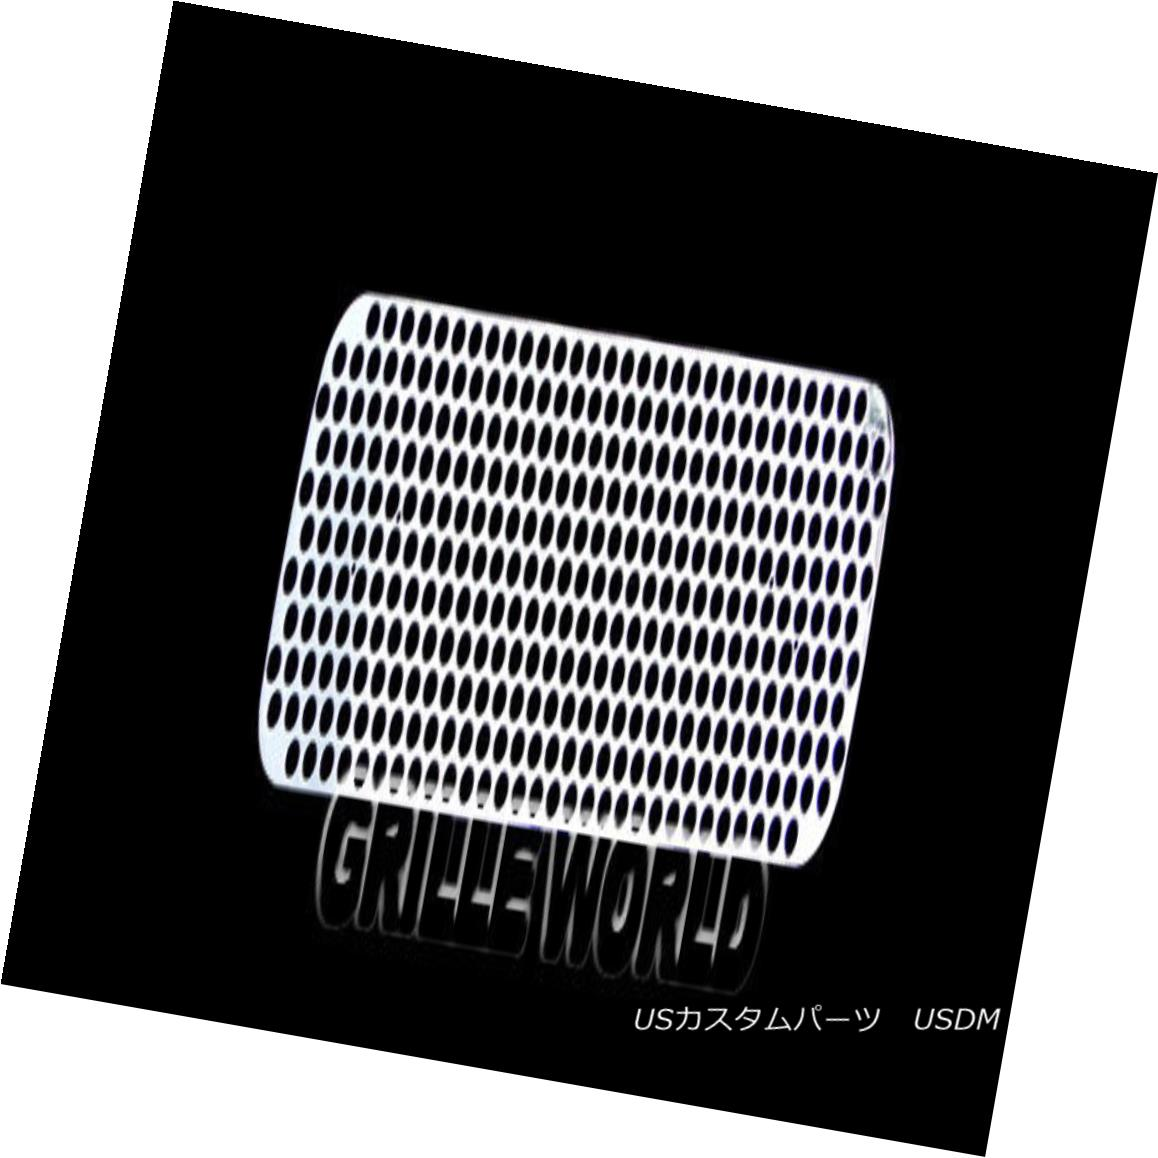 グリル For 04-07 Nissan Armada/04-2015 Titan Stainless Steel Punch Sheet Grille Grill 04-07日産アルマダ/ 04-2015タイタンステンレスパンチシートグリルグリル